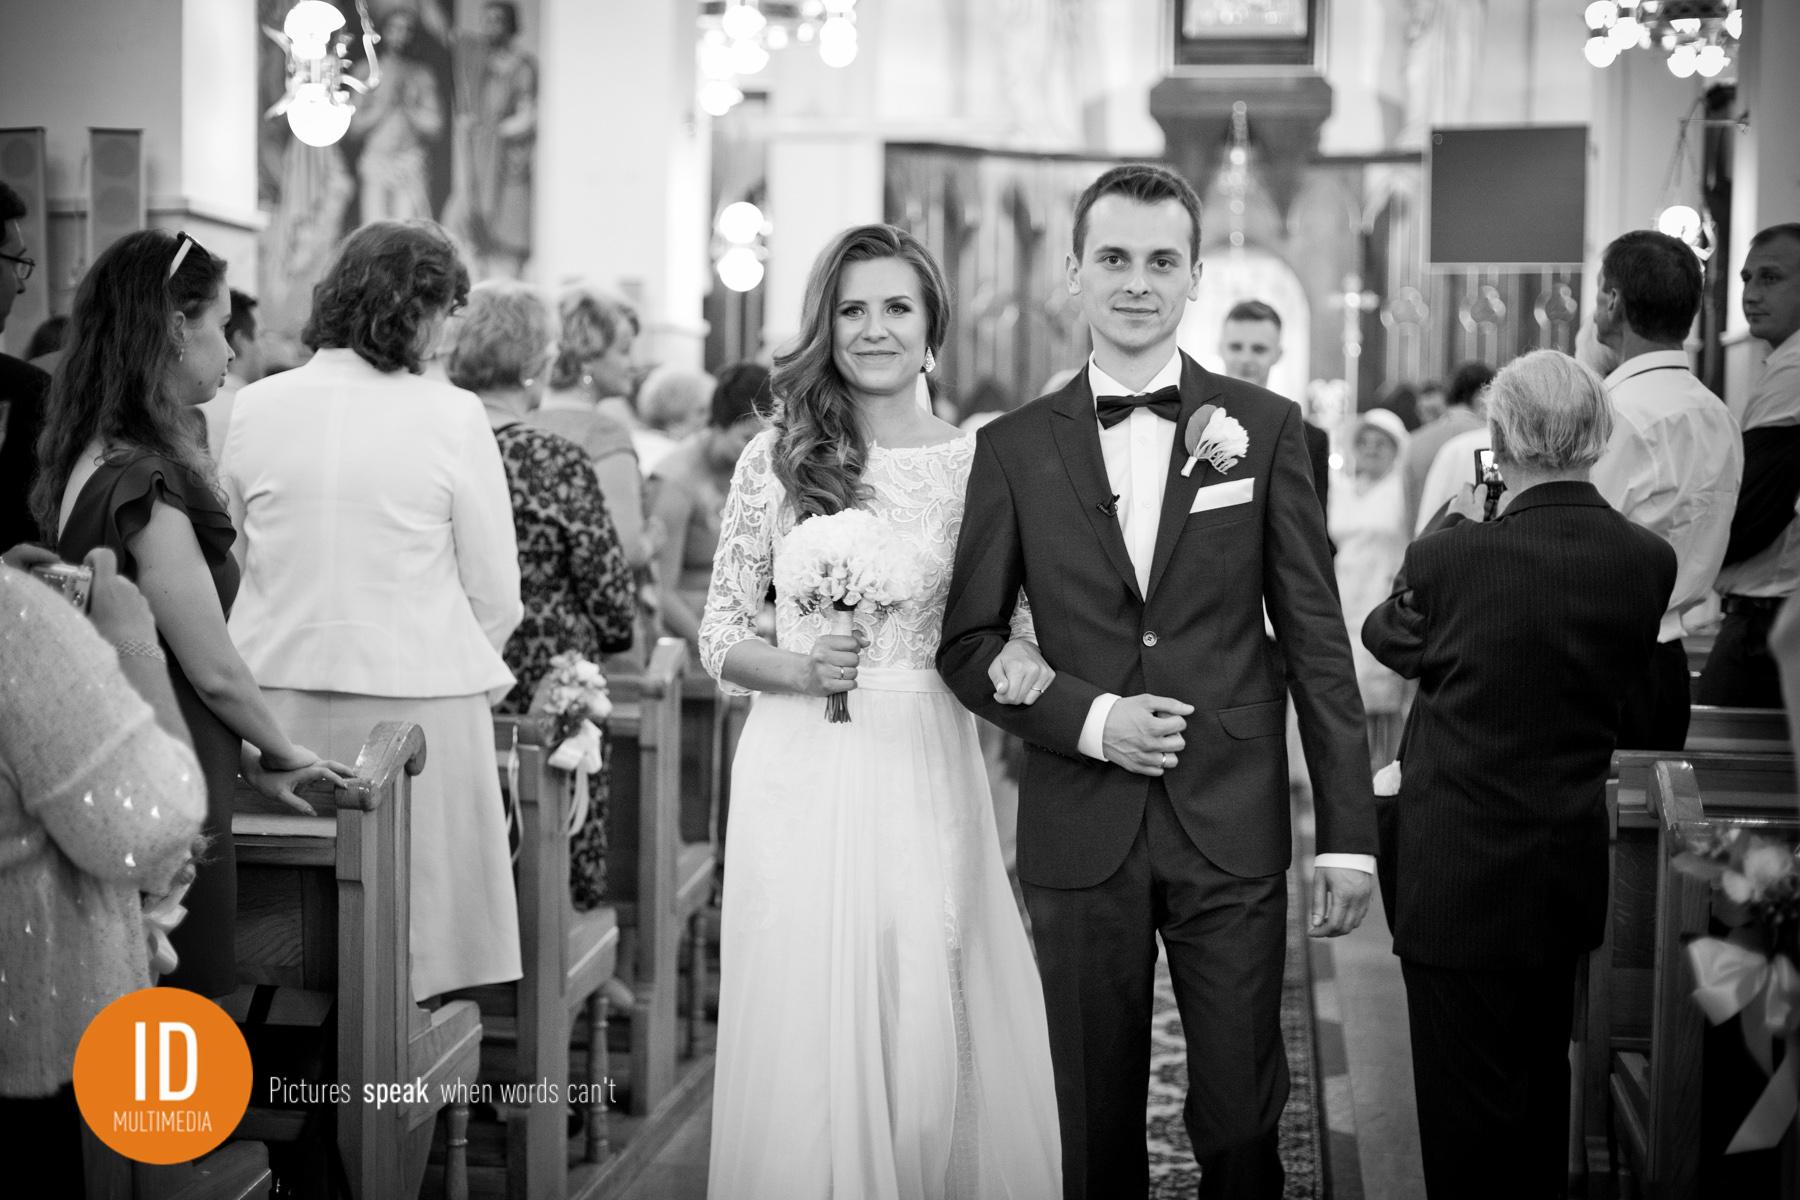 Wyjście z kościoła zdjęcia ślubne